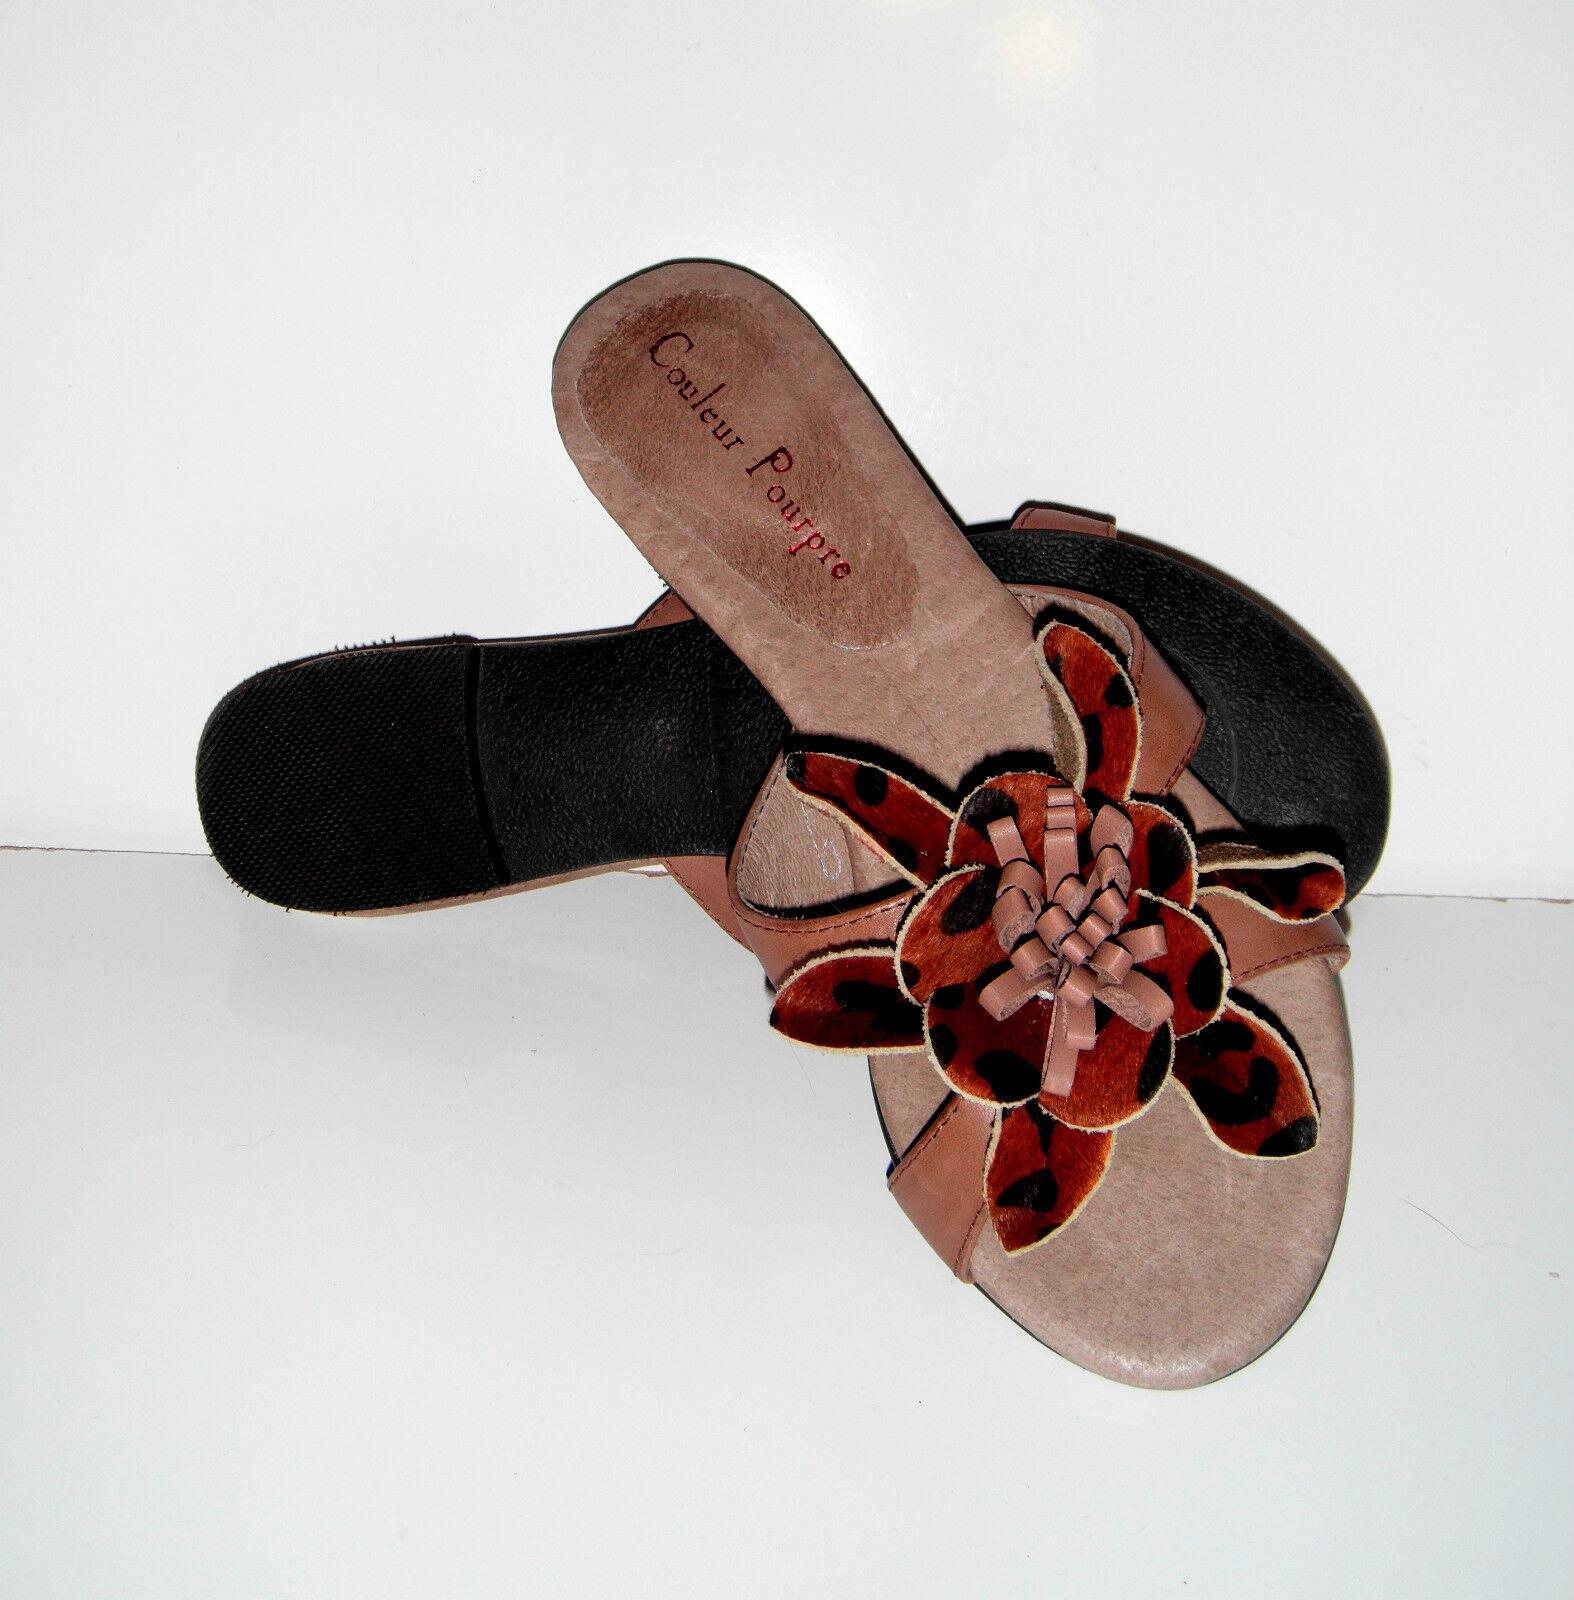 159 Nueva Nueva Nueva Color pourpre suave cuero marrón Sandalia Zapato Talla 6 36 De Calidad Superior  tienda en linea